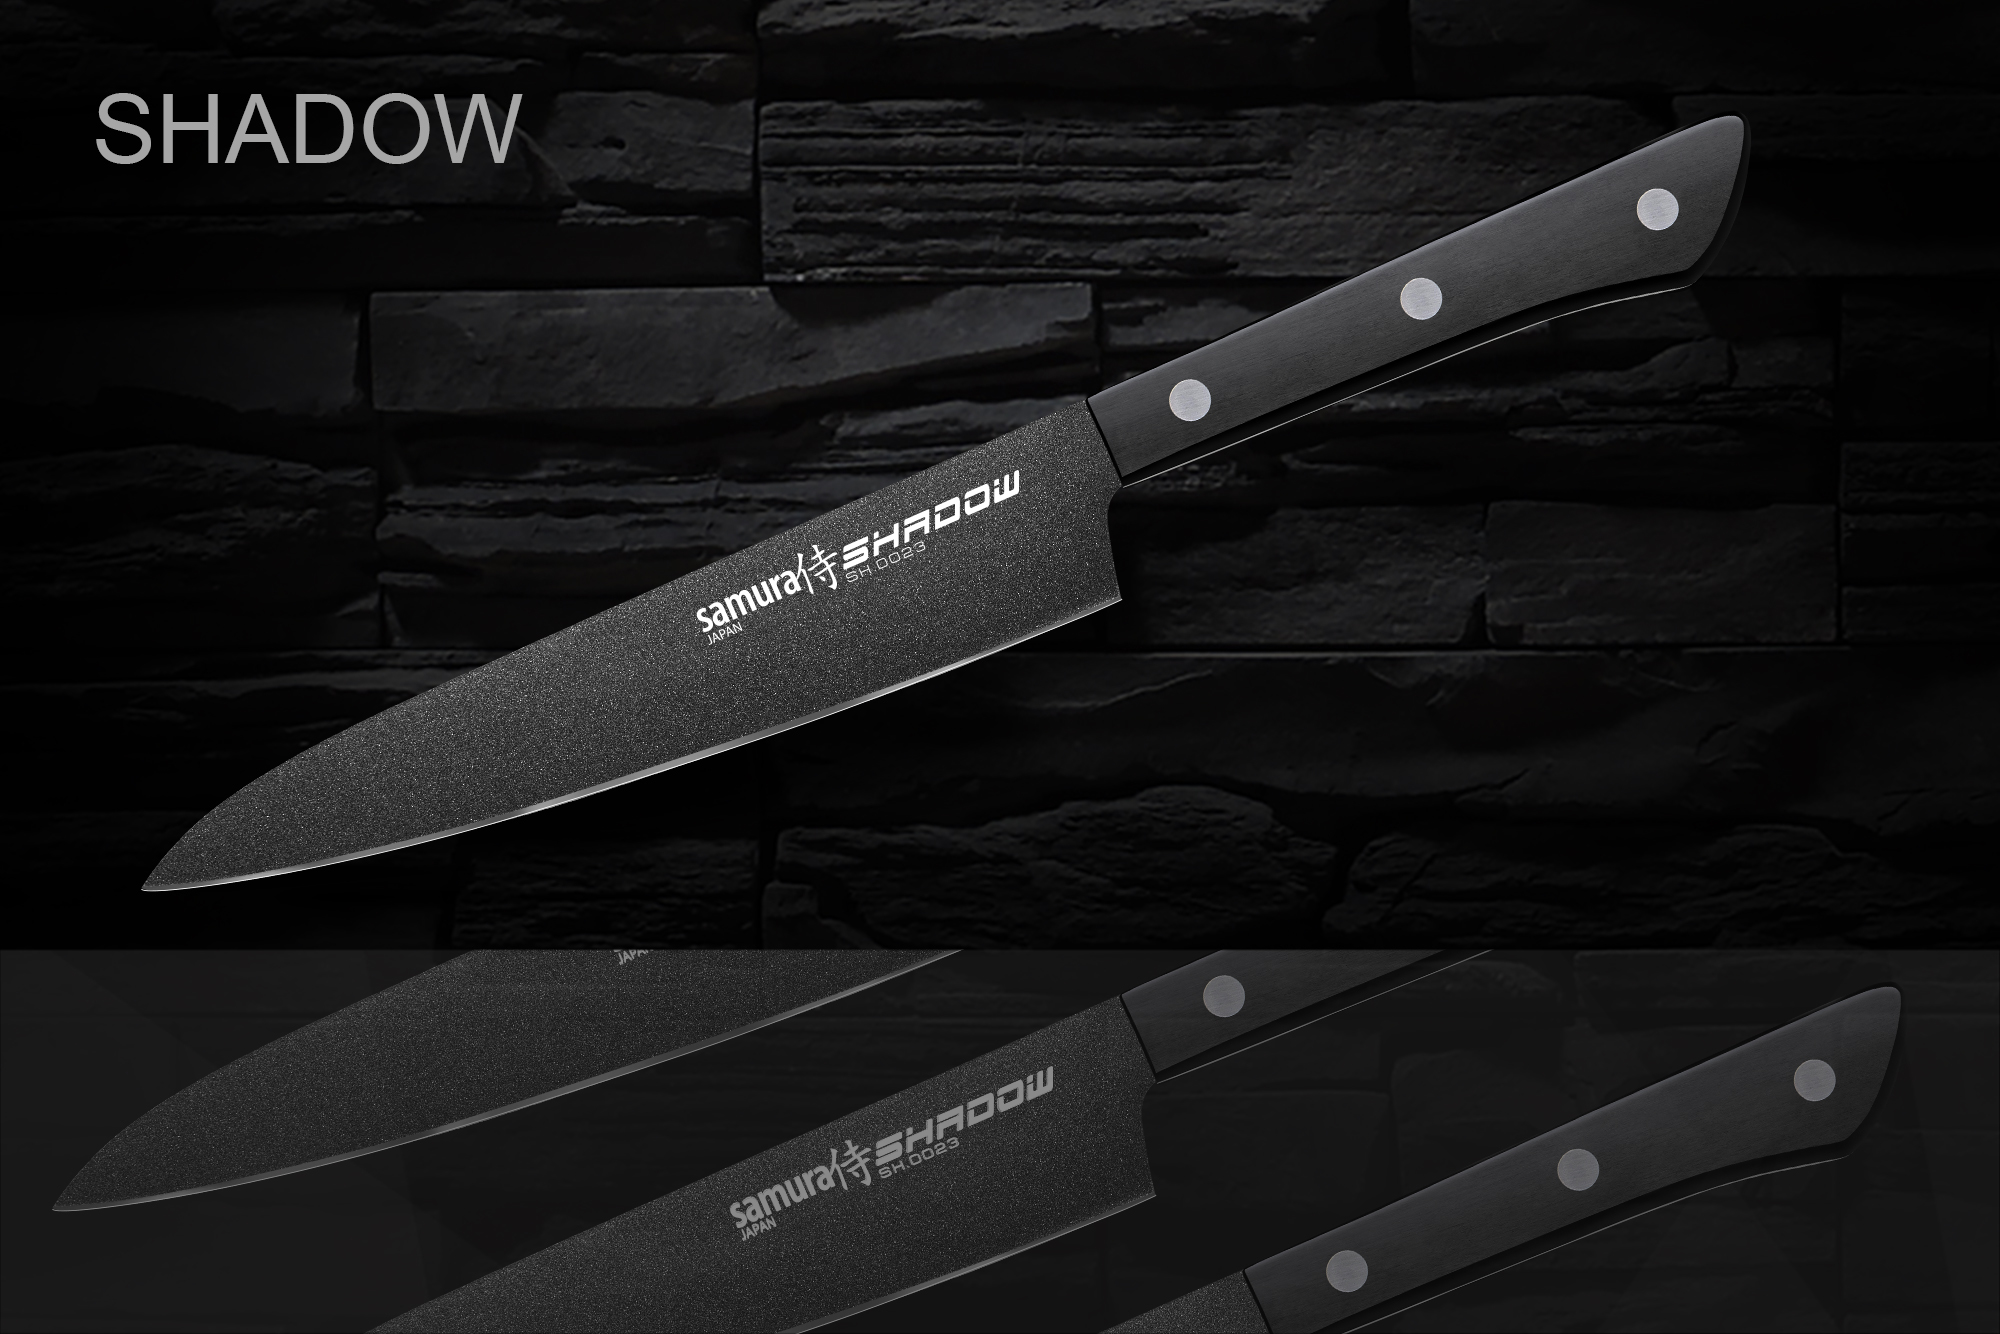 Нож кухонный Samura SHADOW универсальный с покрытием BLACK FUSO 150 мм SH-0023/16Samura Shadow<br>Нож кухонный Samura SHADOW универсальный с покрытием BLACK FUSO 150 мм SH-0023/16<br><br>*В обновленной линейки рукоятка из ABS-пластика<br>В полумраке кухни продукты не успевают понять, что с ними произошло… Действуй!<br>Samura Shadow – Кухонные ножи из японской стали Aichi Steel Works AUS8 &amp; Black-coating покрытием препятствует прилипанию продуктов при нарезке. Стильные ножи с лезвием и рукоятью черного цвета. Рукоять эргономичной европейской формы с заклепками из суперпрочного влагостойкого материала G-10. Идеальная геометрия ножа, лаконичная японская форма, ничего лишнего.<br><br><br>Правила использования и уход за кухонными ножами<br><br>Перед использованием в первый раз ополосните ножи горячей водой.<br>Используйте кухонные ножи только на разделочной доске из дерева или пластика (стеклянные доски могут затупить нож).<br>Не используйте для рубки продуктов и не режьте замороженные продукты.<br>Будьте аккуратны при нарезке продуктов с костями (мясо, курица и т.п.), кости могут повредить режущую кромку.<br>Ни в коем случае не оставляйте ножи надолго в раковине. Это негативно сказывается не только на материале, но и на острие ножа.<br>Мы рекомендуем мыть ножи вручную с помощью неабразивных средств и сразу вытирать насухо (использование посудомоечной машины не рекомендуется, это портит ножи).<br>Храните ножи в специальном блоке, ящике для ножей, подставке и т.д. Следите, чтобы лезвия ножей не соприкасались с другими металлическими предметами.<br><br>Эти несложные рекомендации позволят сохранить Ваши ножи в отличном состоянии надолго.<br>Официальный сертифицированный продавец Samura™<br>